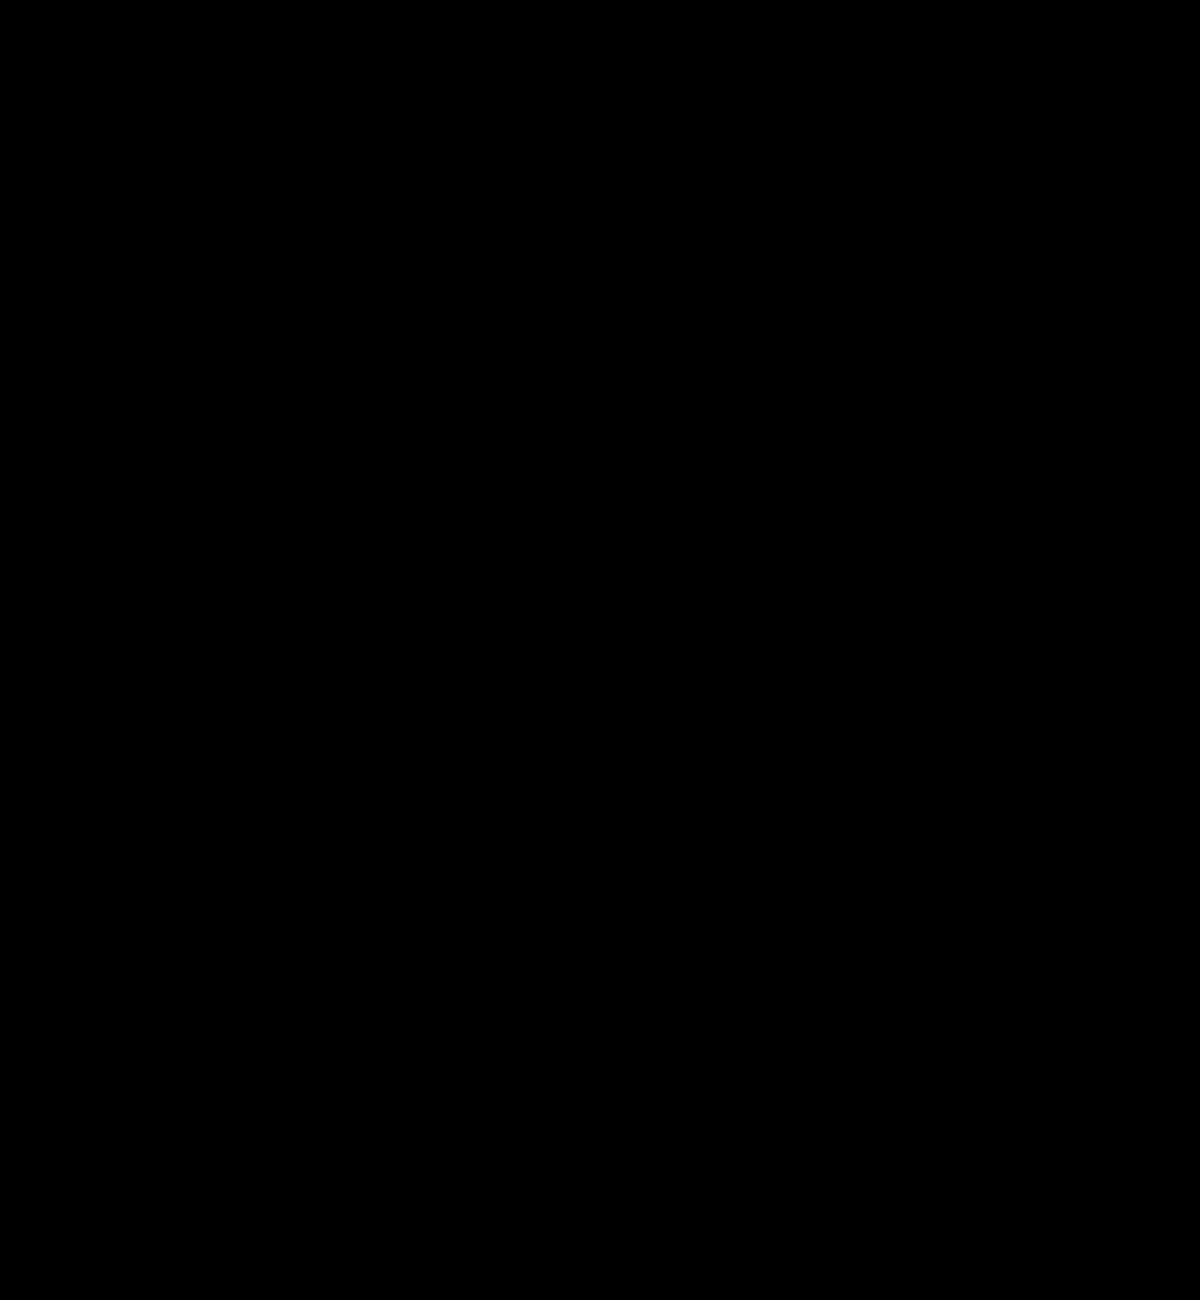 Что такое тайм код при расшифровке аудиозаписей (видео) в текст блог ивана кунпана